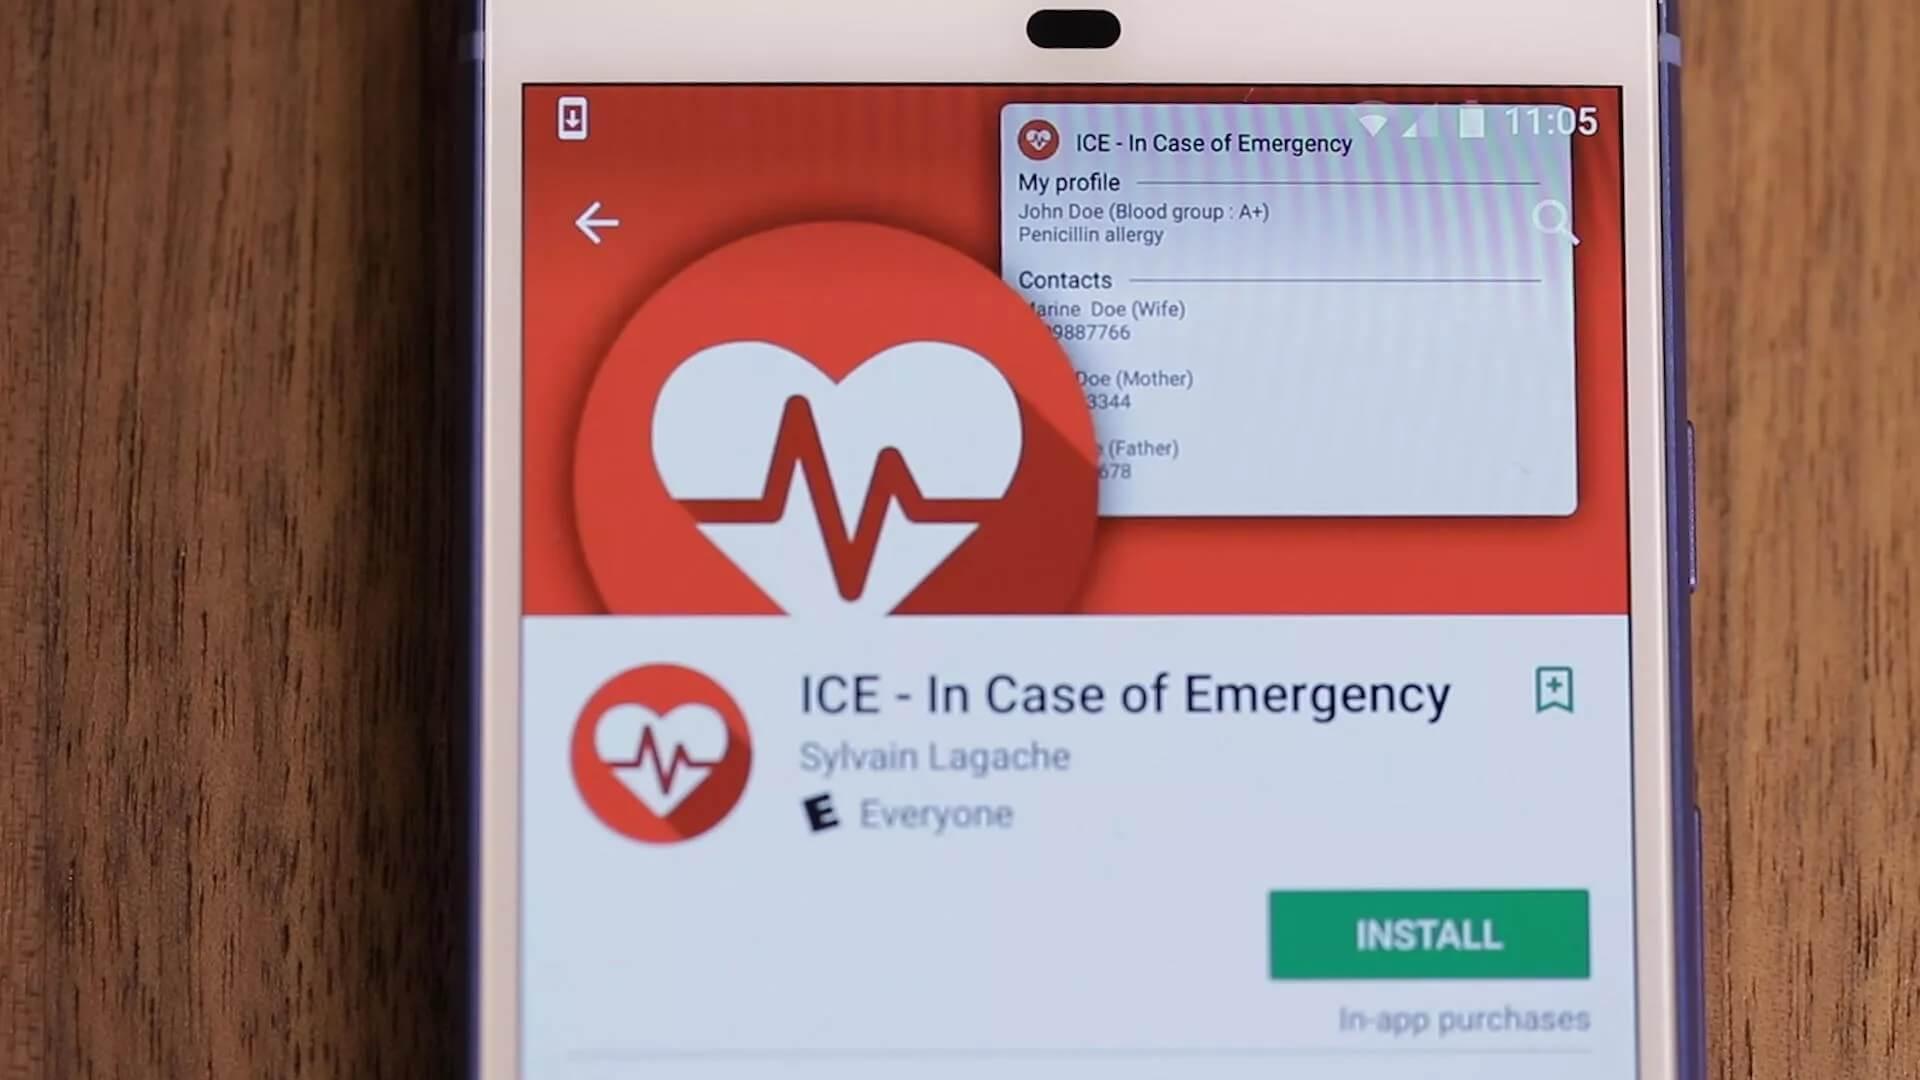 Eis-Lebensretter im Notfall